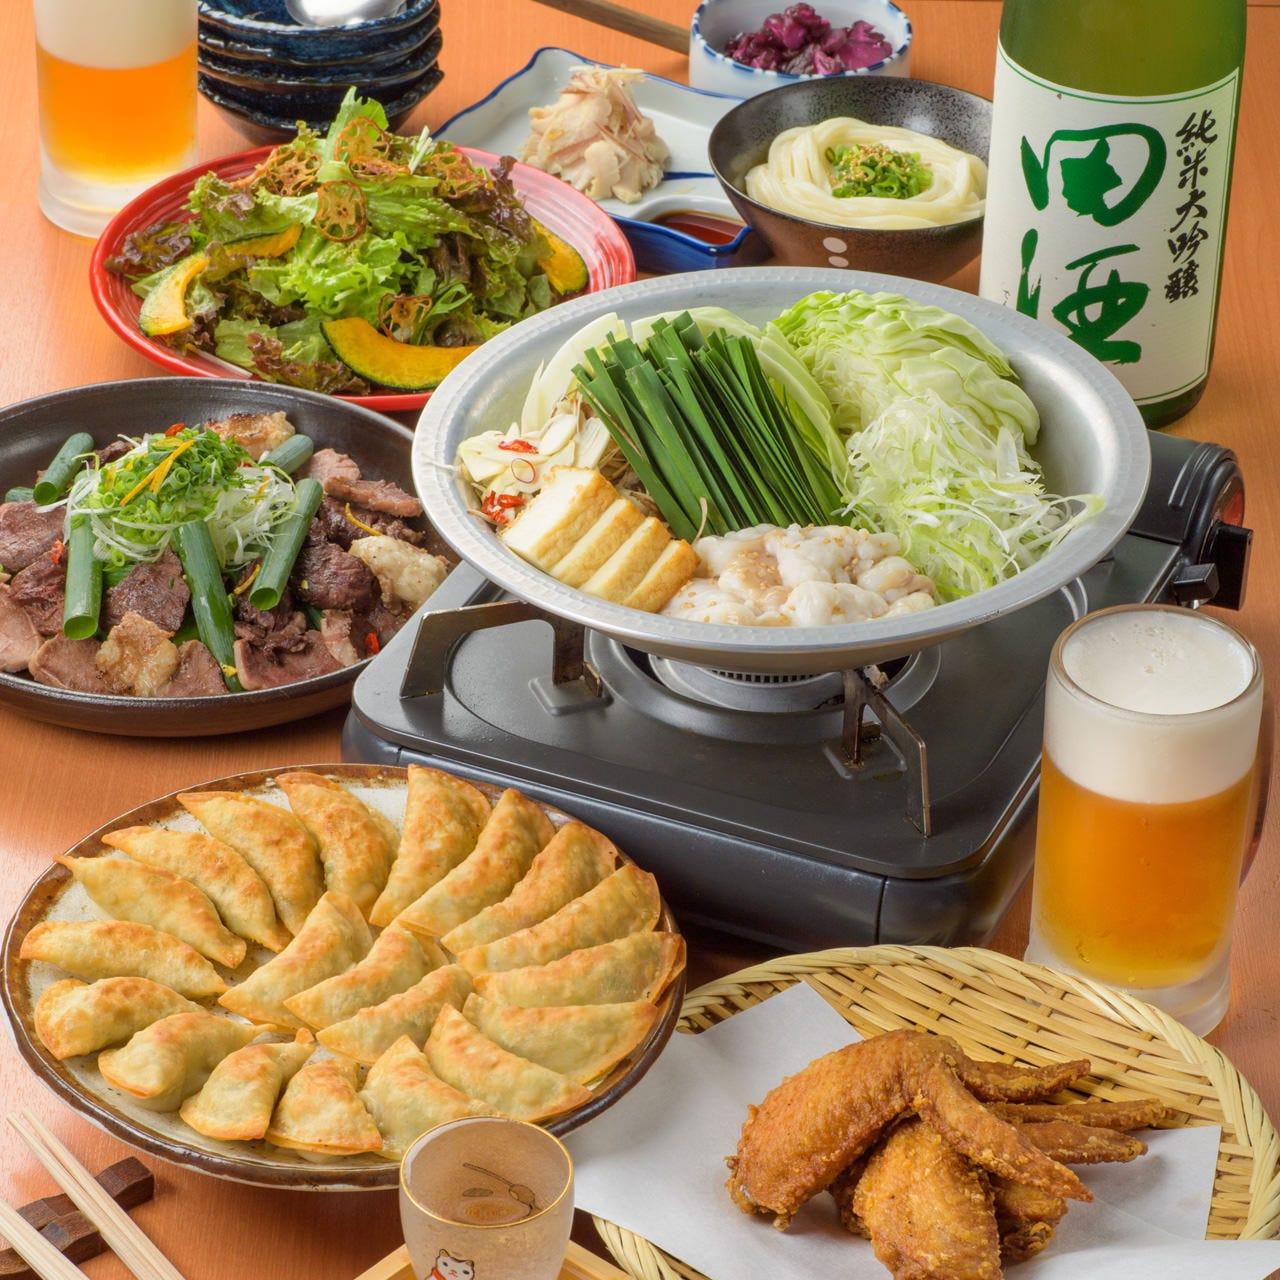 イチオシのもつ治4,000円(税込)コースで福島の名物料理を堪能